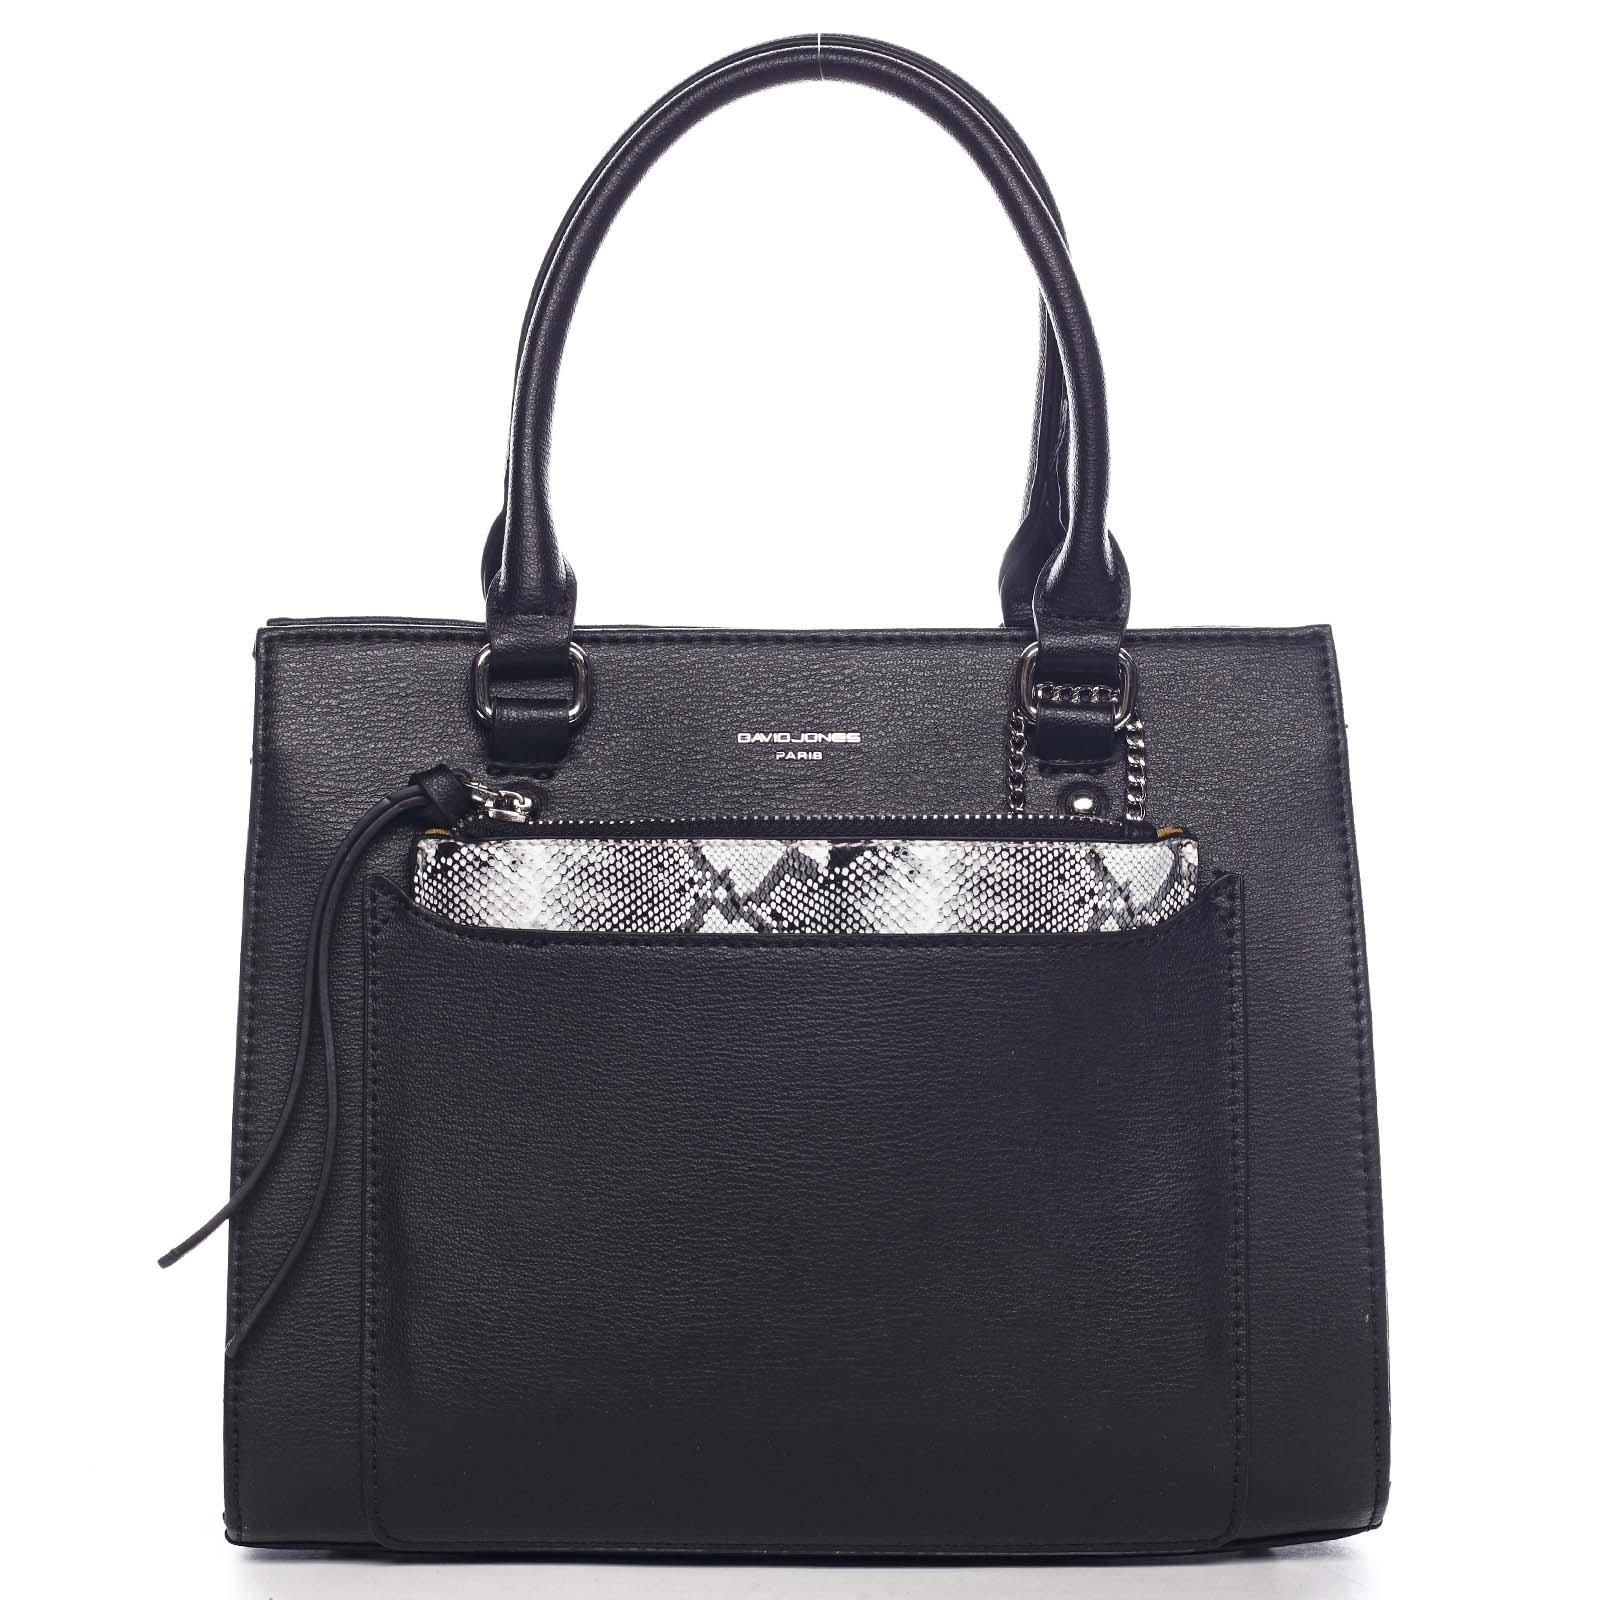 Exkluzivní dámská kabelka černá - David Jones Joan